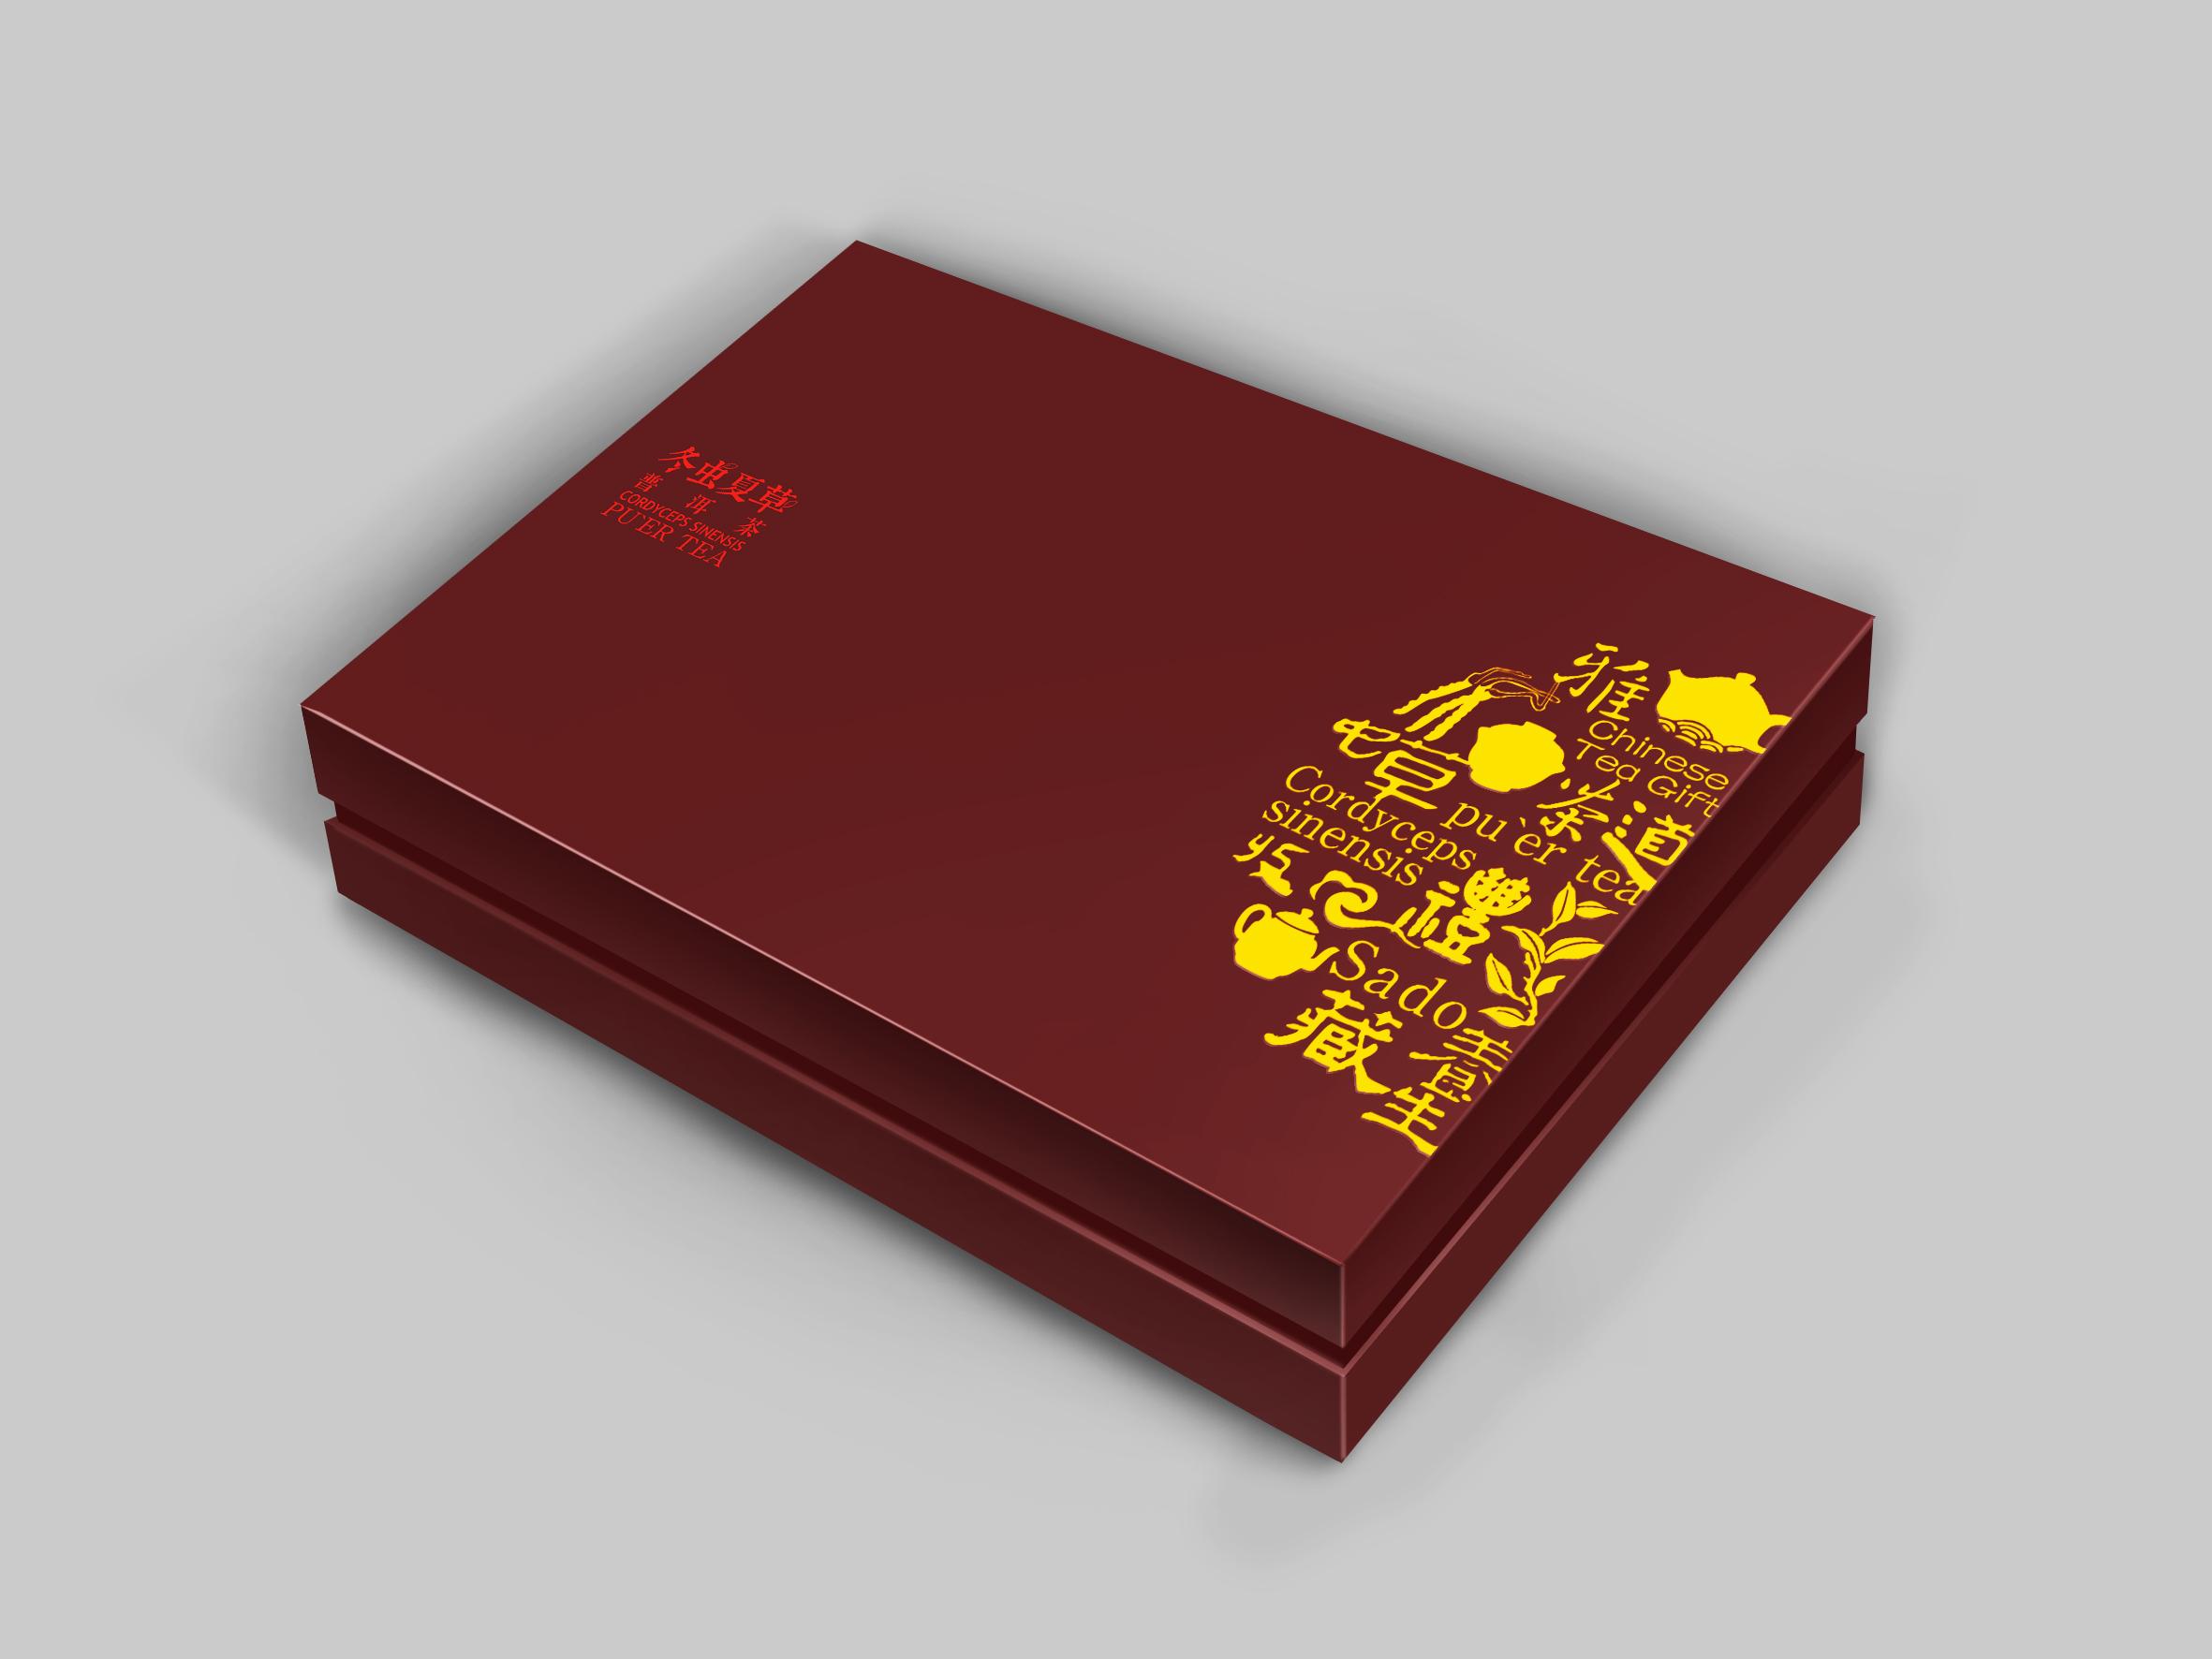 睿和礼茶 - 创意设计 - 深圳f518时尚创意园,创意产业